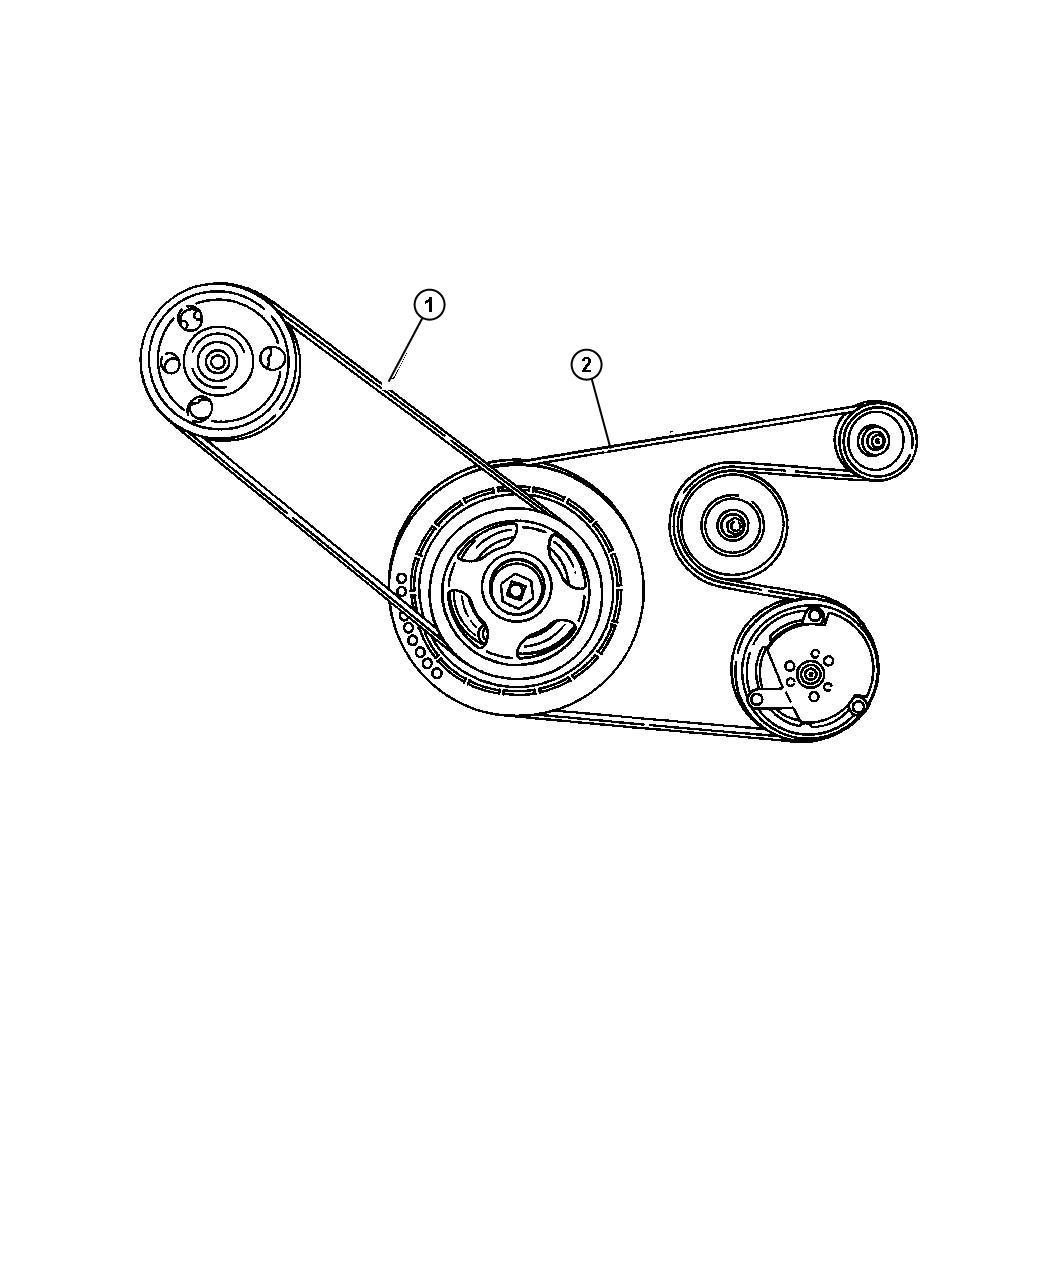 Chrysler Pt Cruiser Belt Power Steering Rack